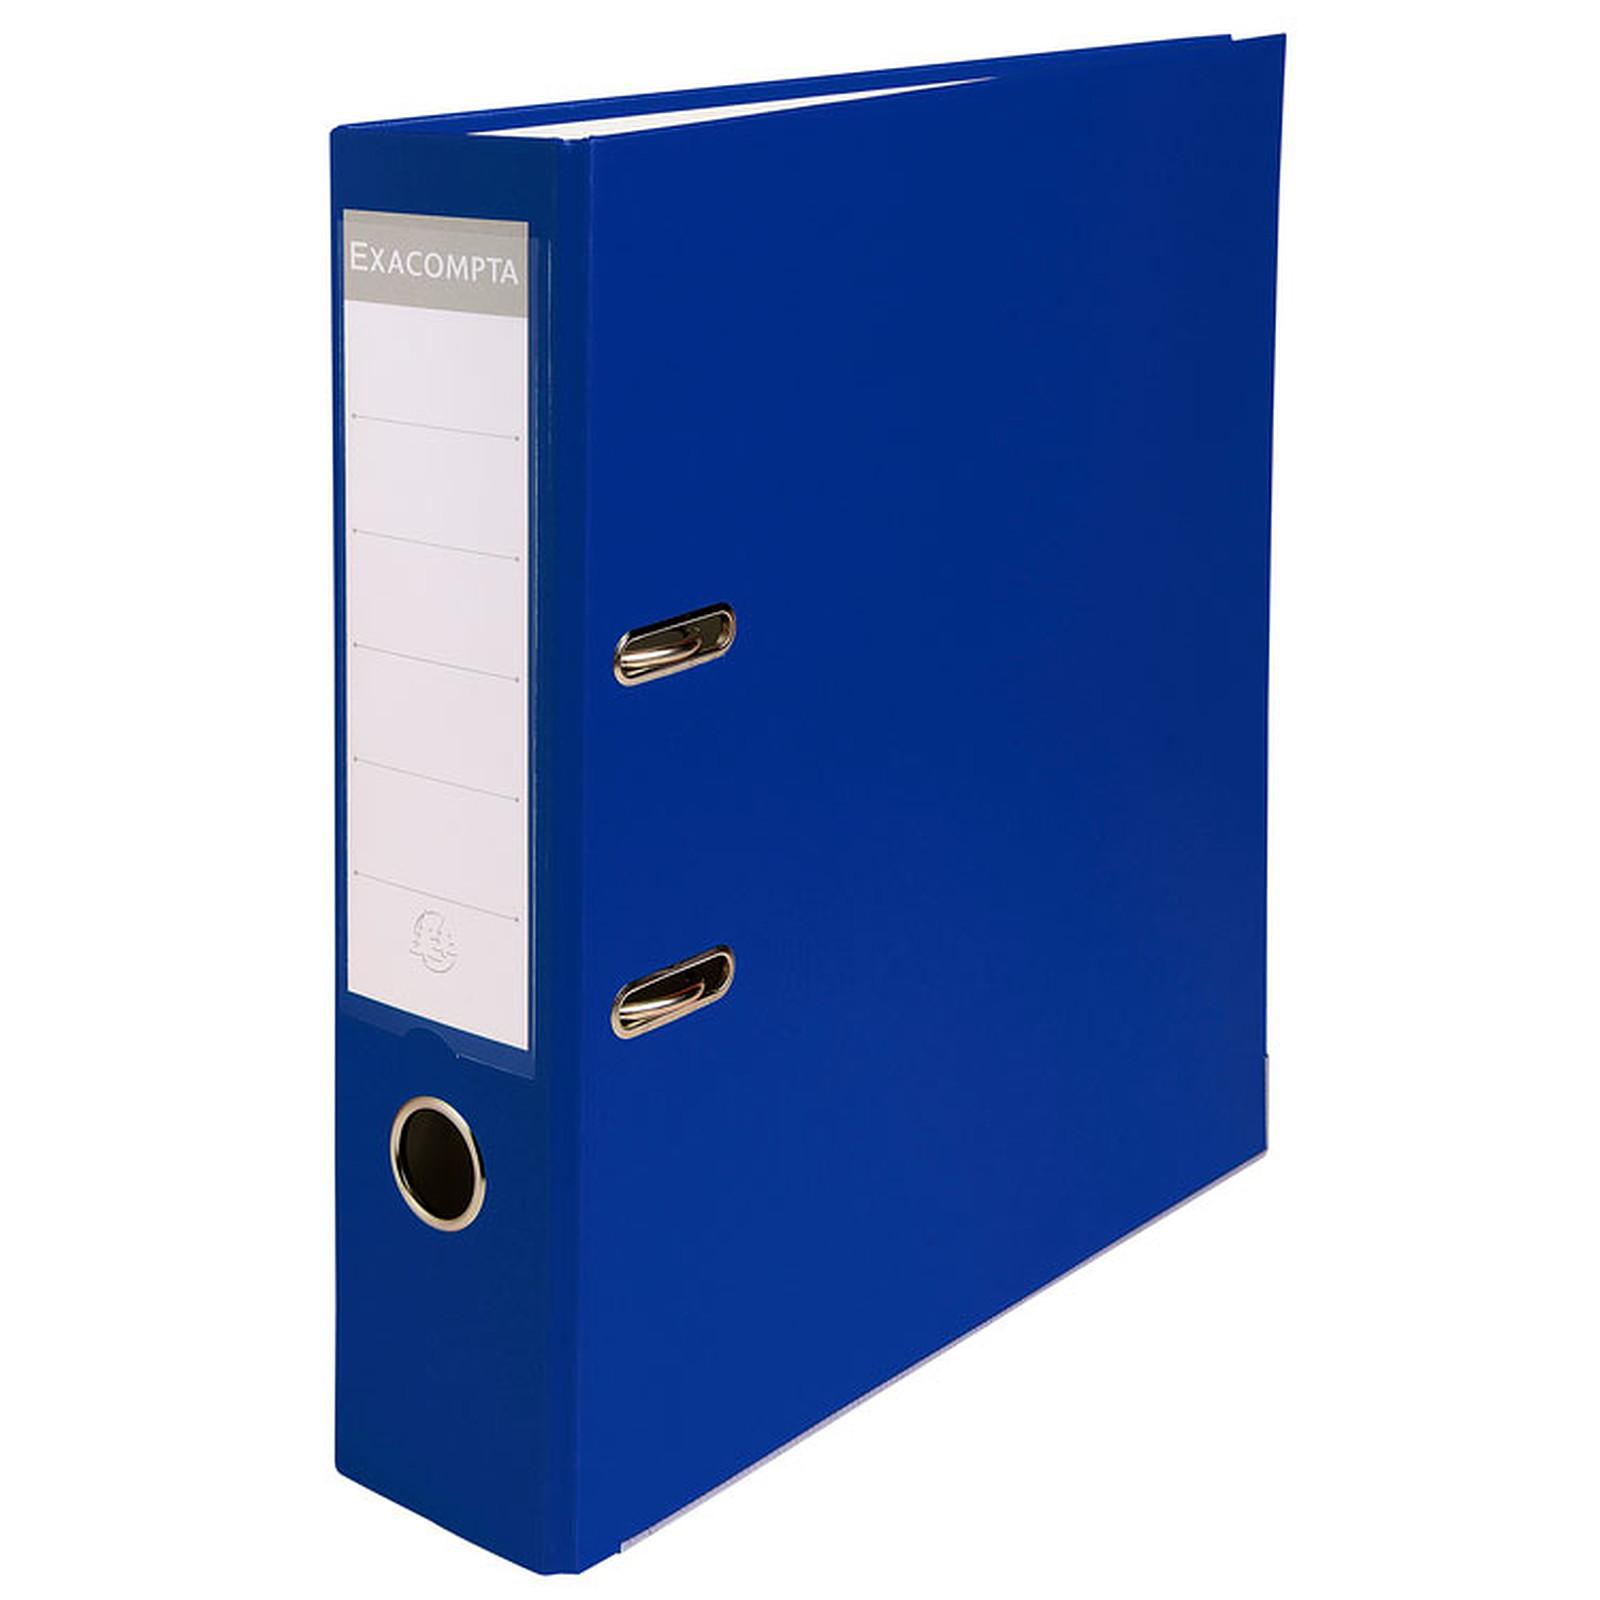 Exacompta Classeur à levier 80mm Bleu